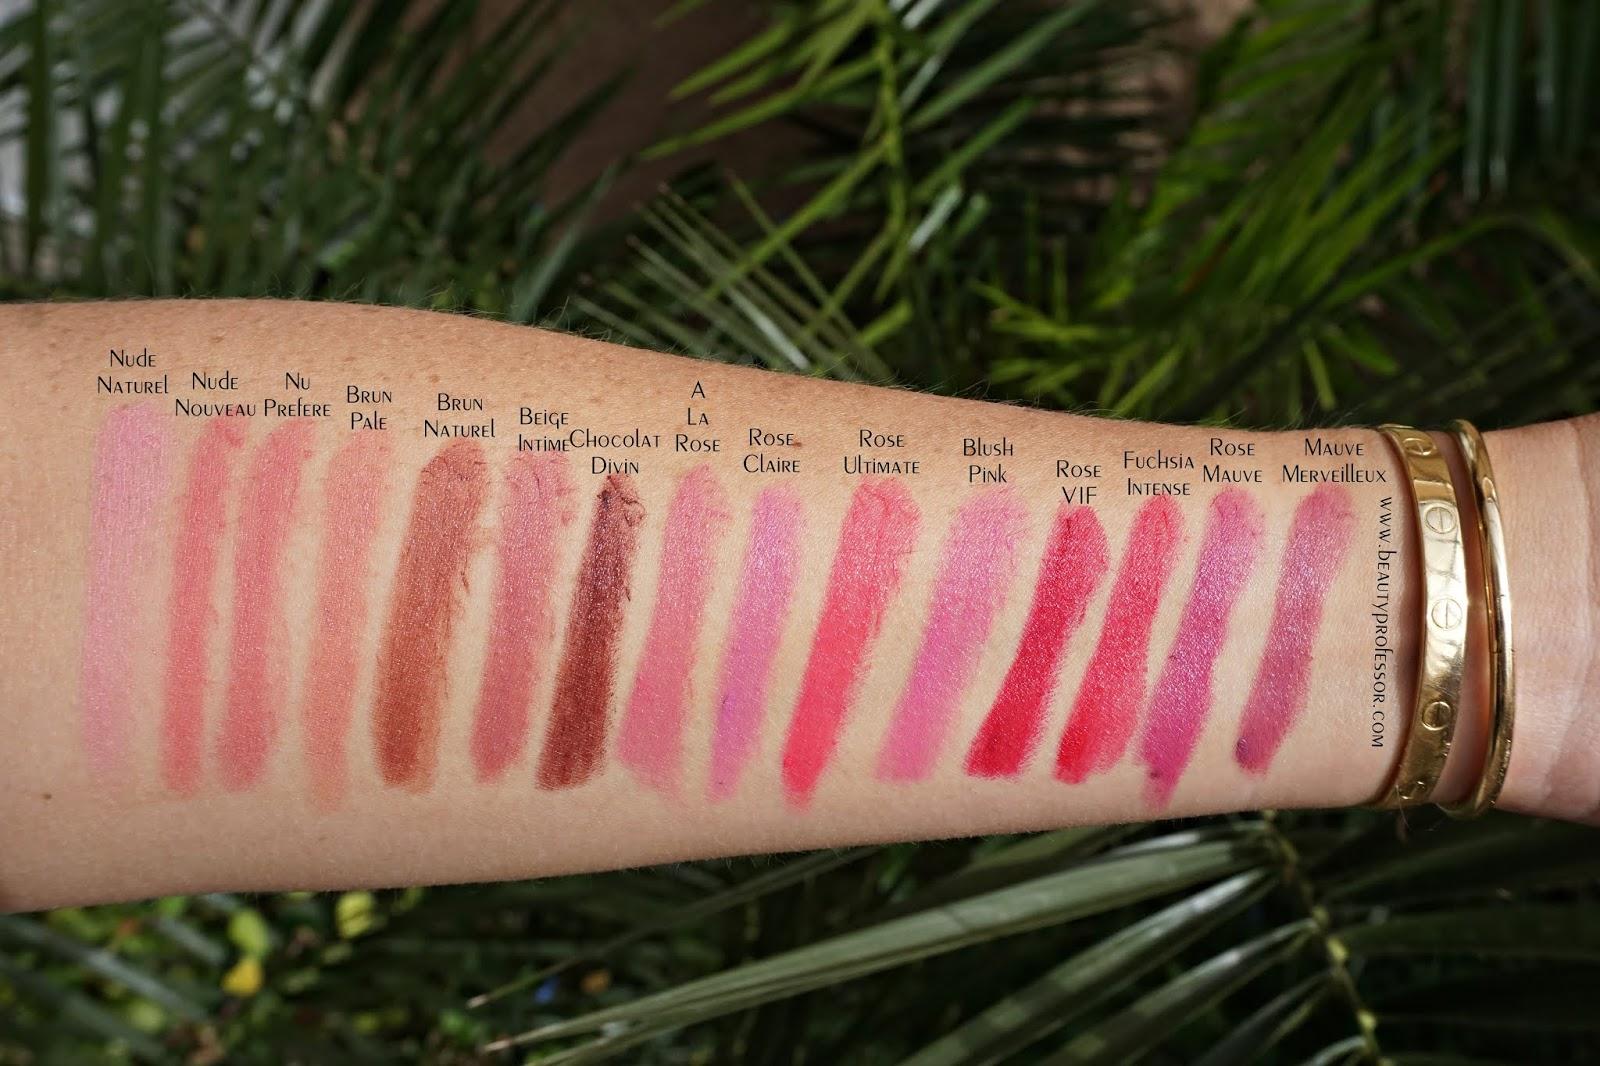 Laura mercier rouge essentiel lipstick swatches